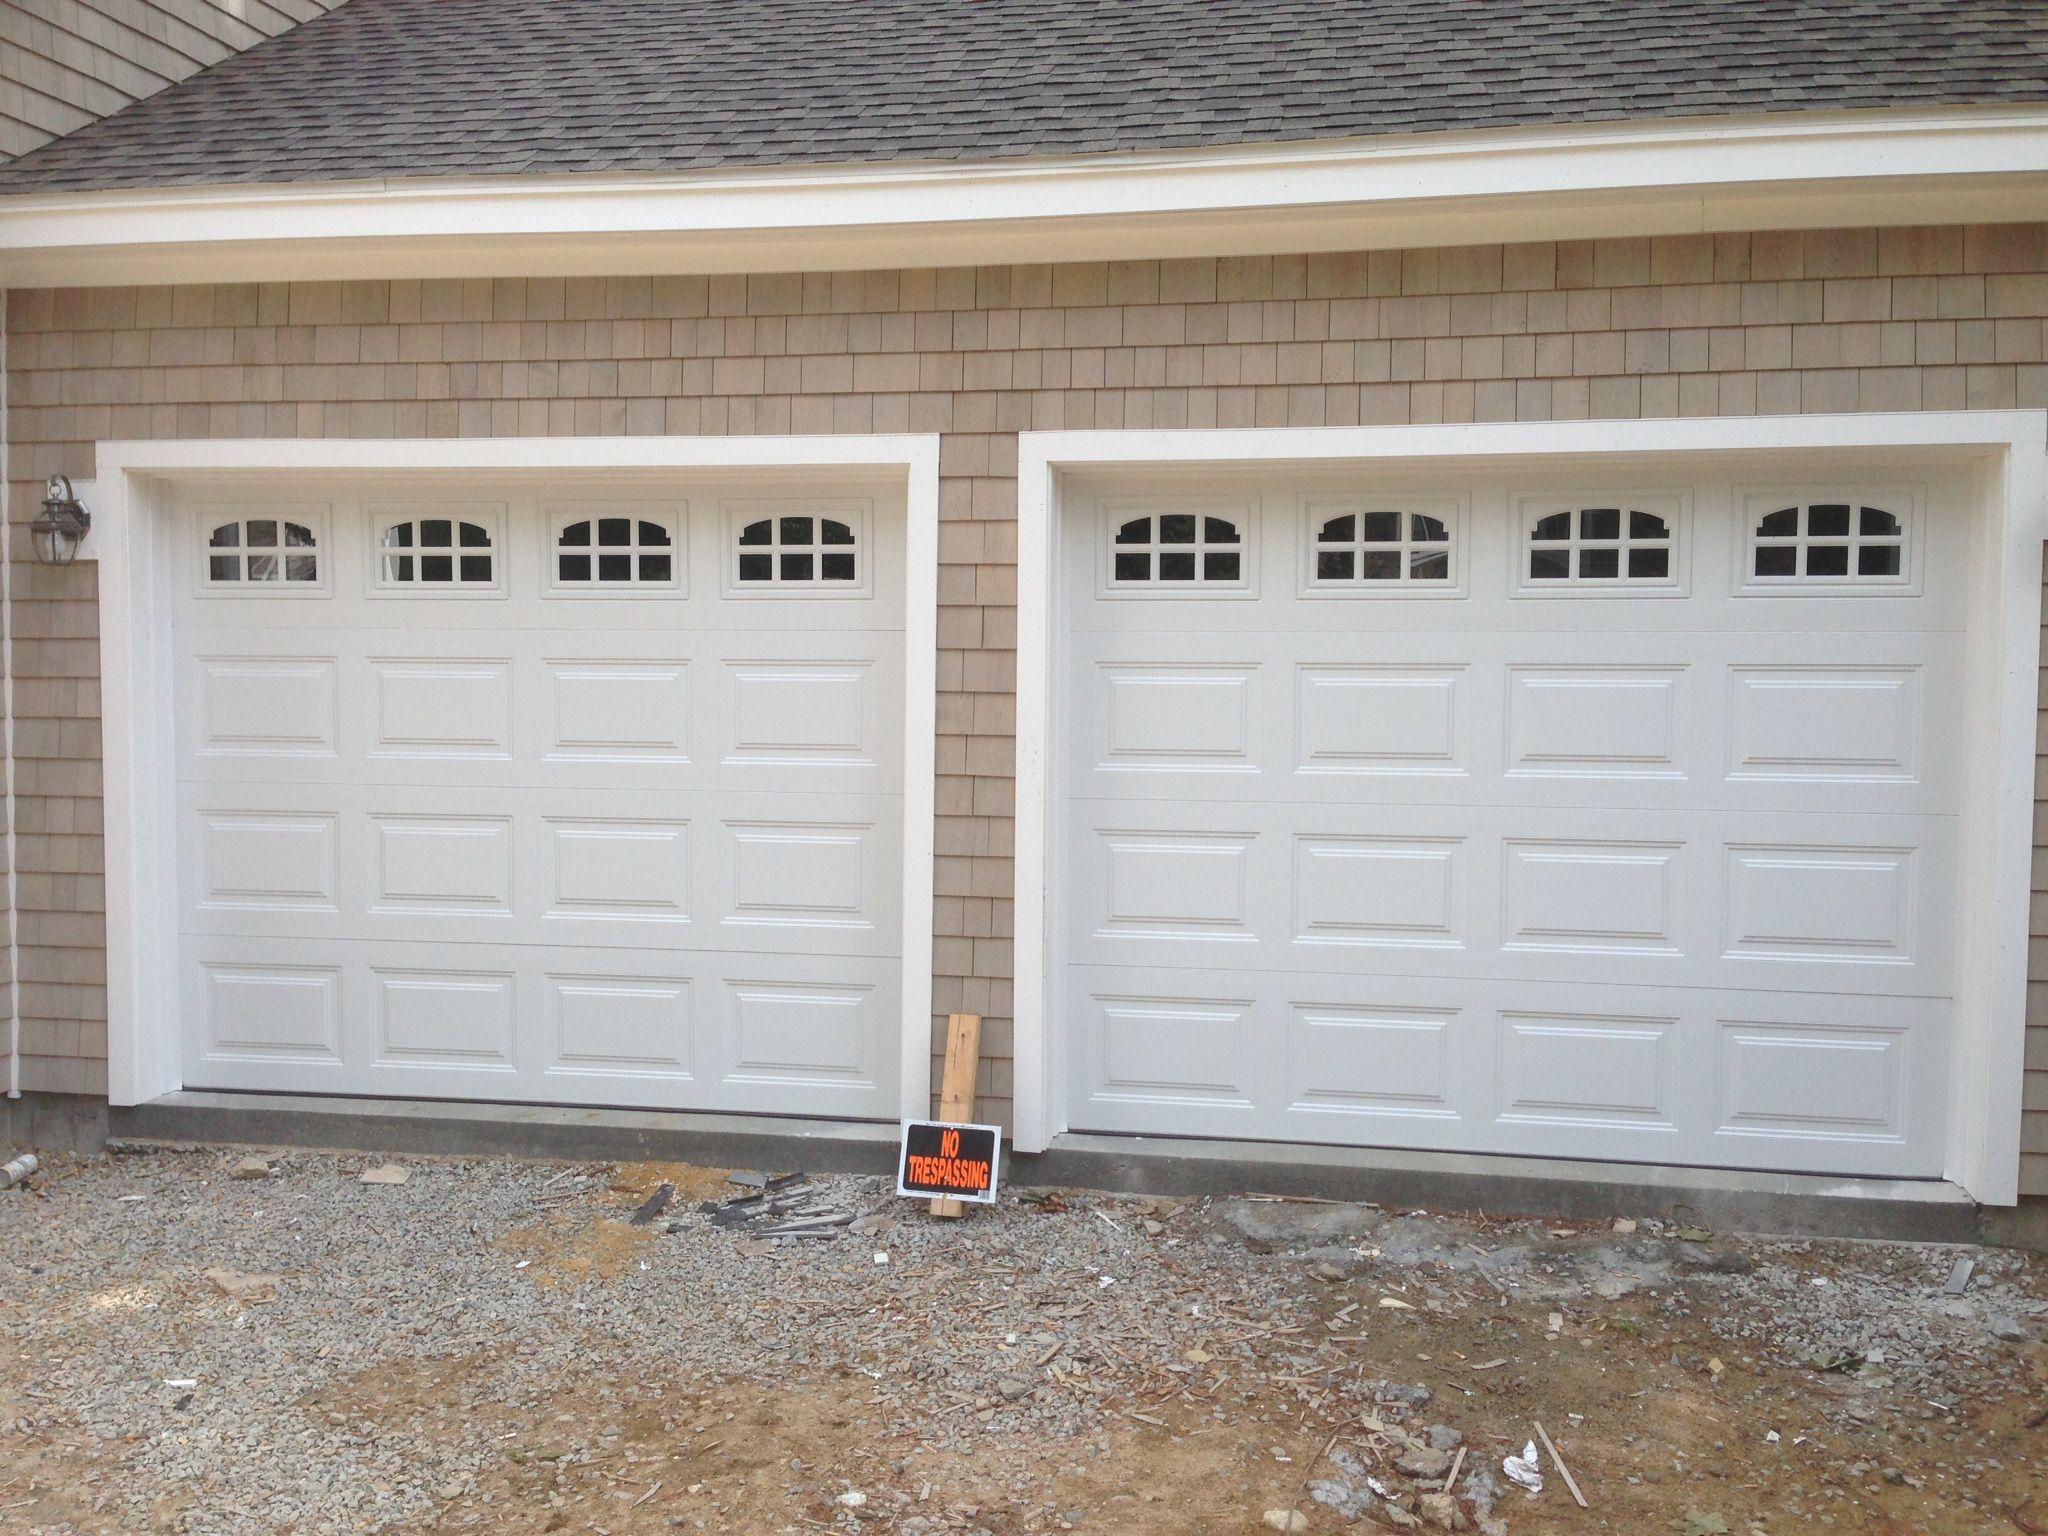 Haas model 680 steel raised panel garage doors in white with cascade glass installed by - Garage door window panels ...